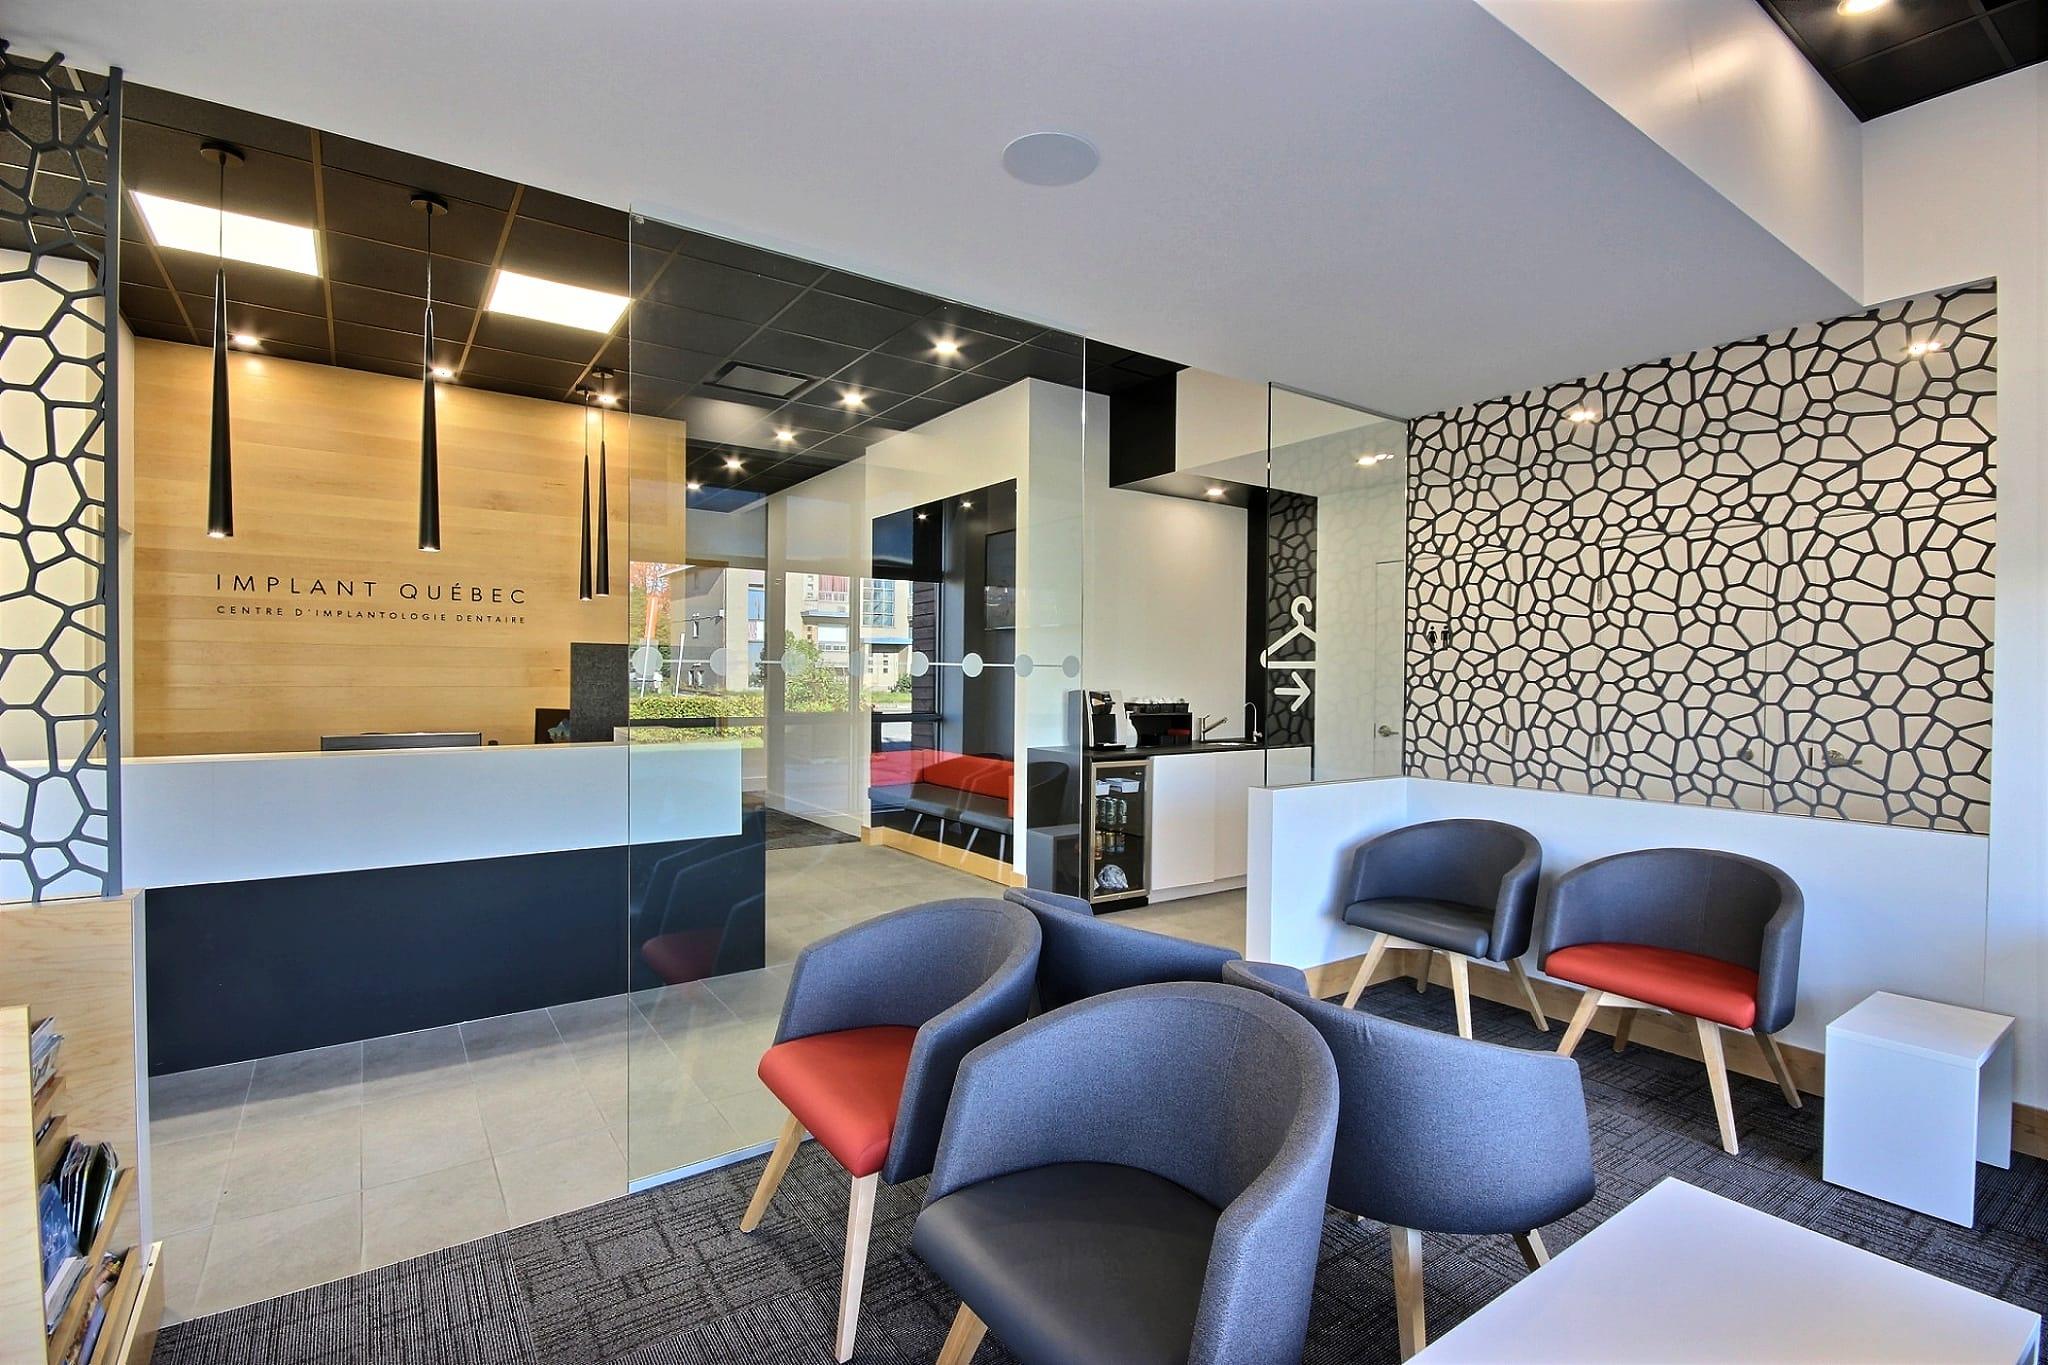 Design interieur salle d'attente